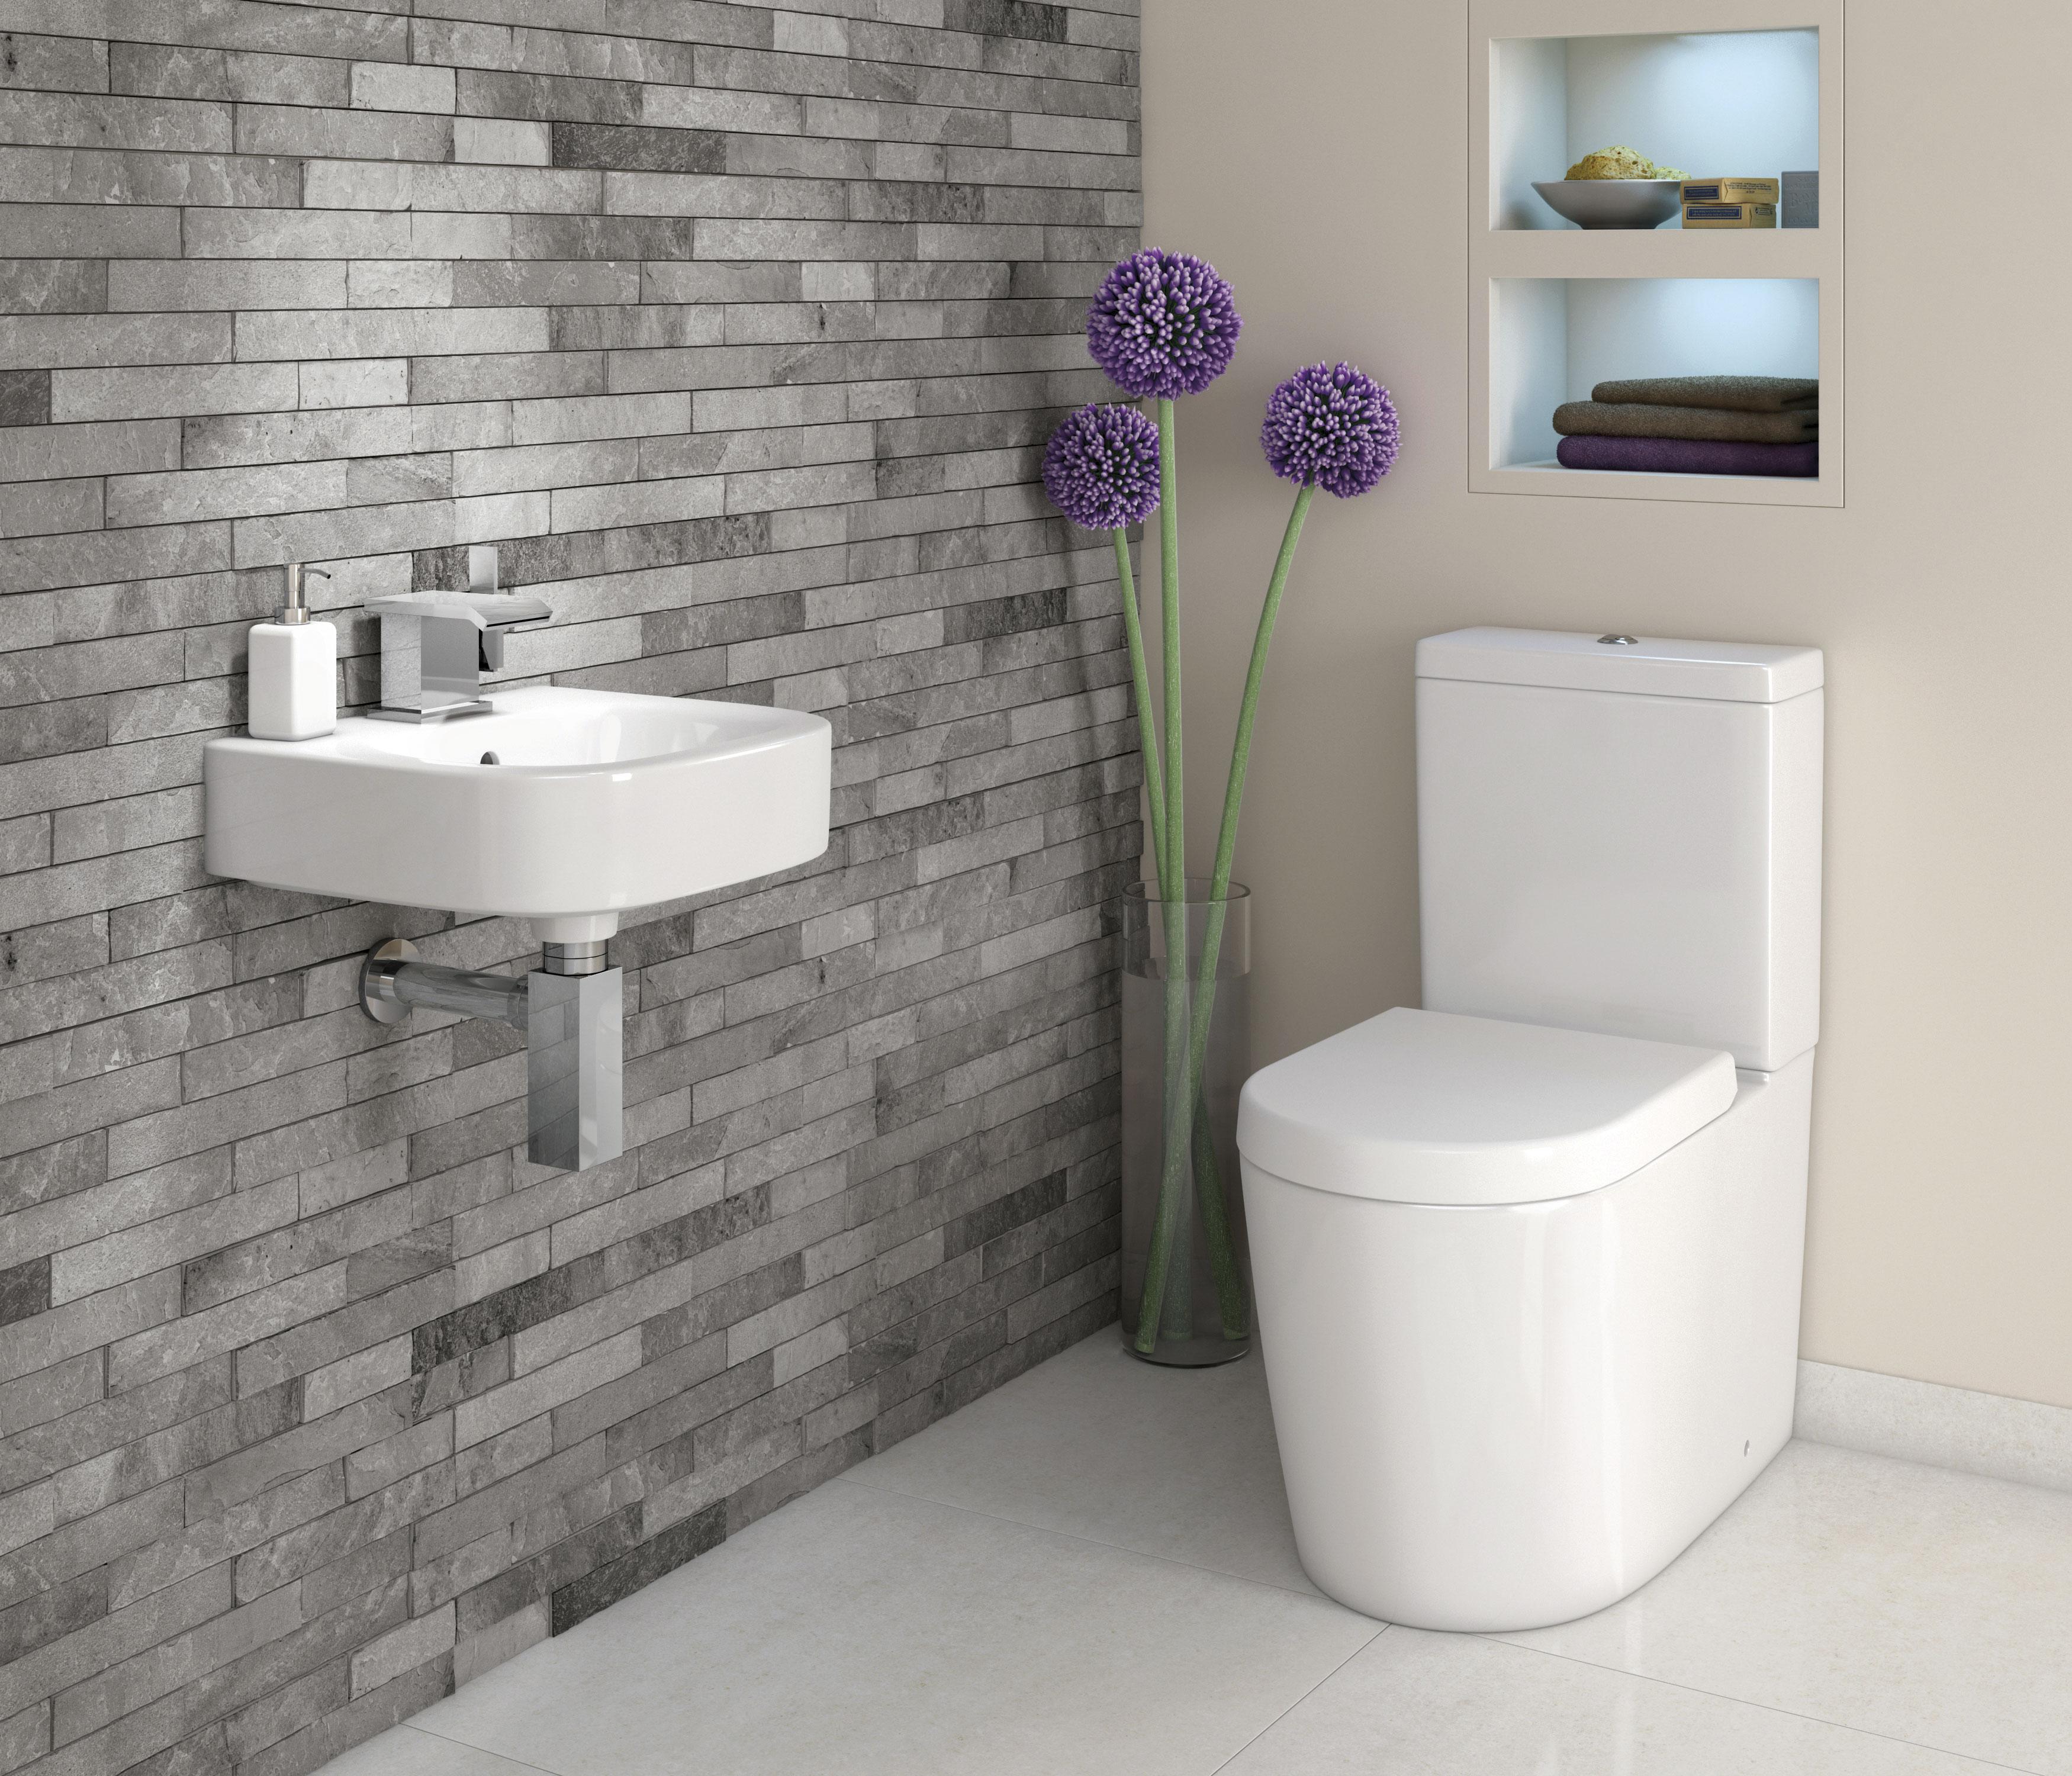 Design bilik air kecil terbaik dengan tema putih moden kontemporari